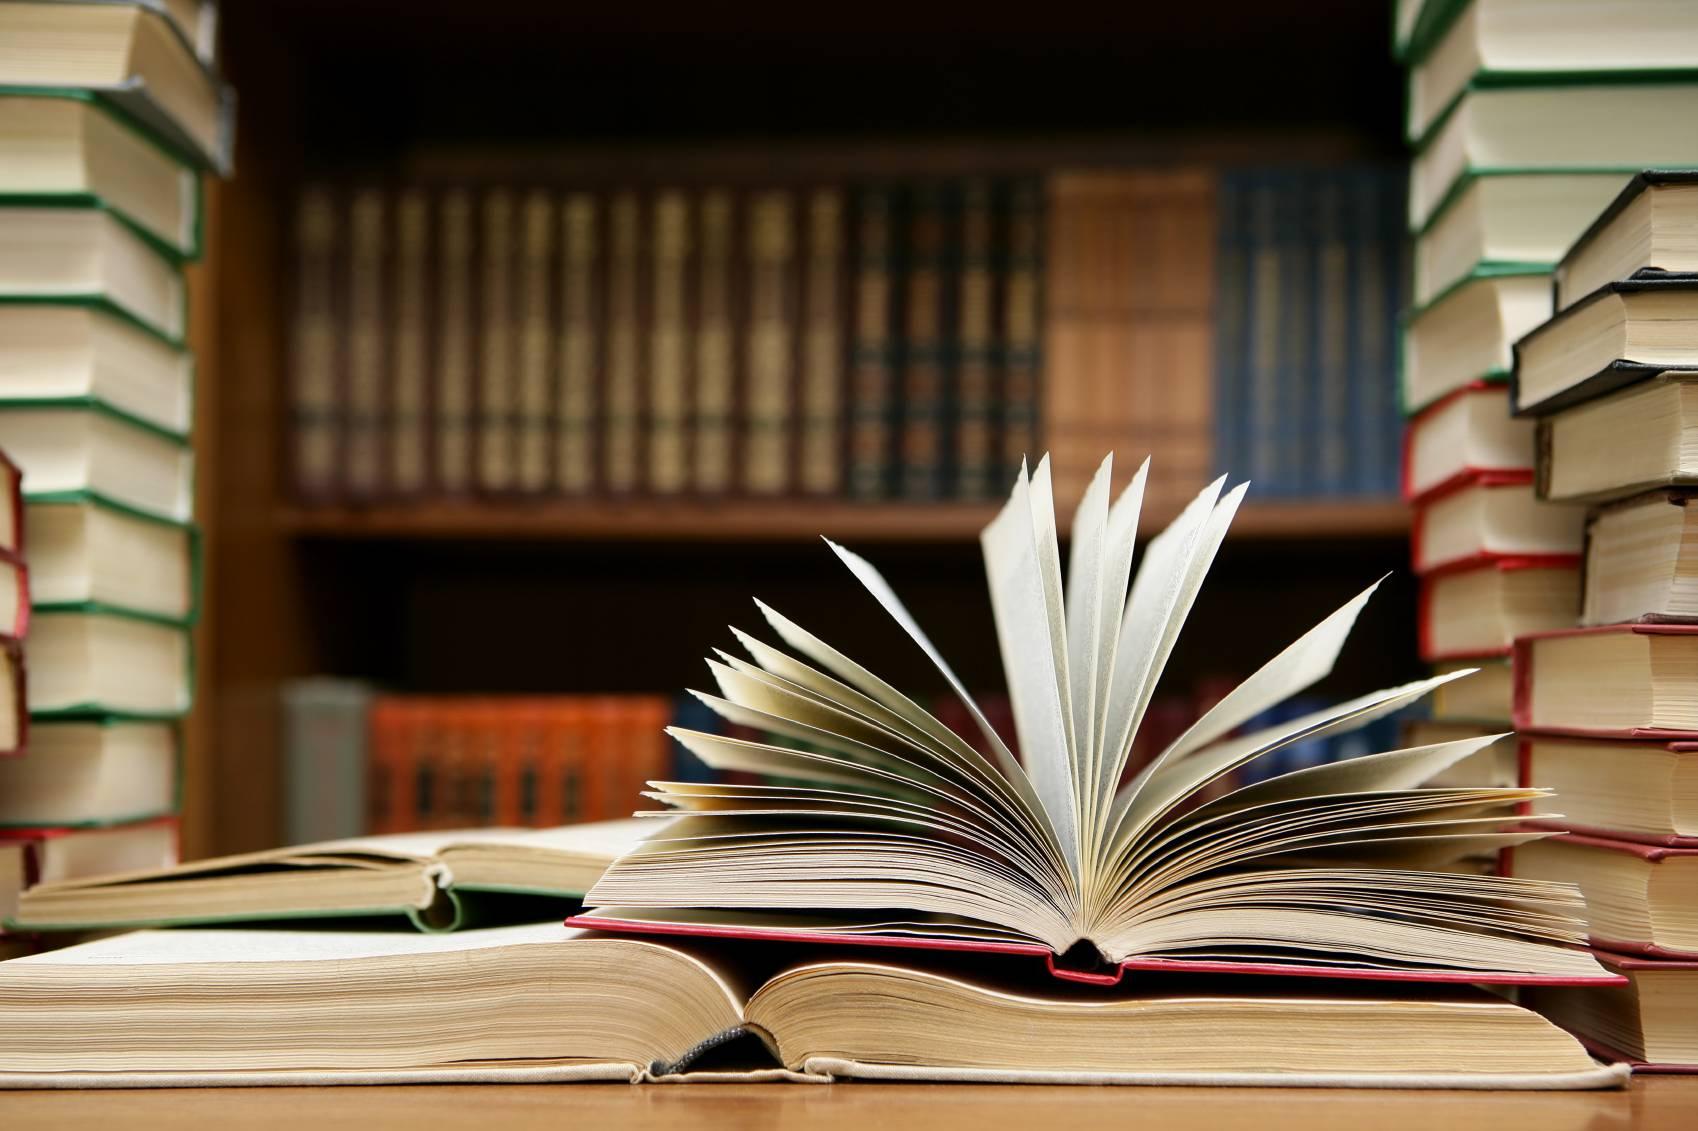 Bibliothèque partagée : une belle symbolique